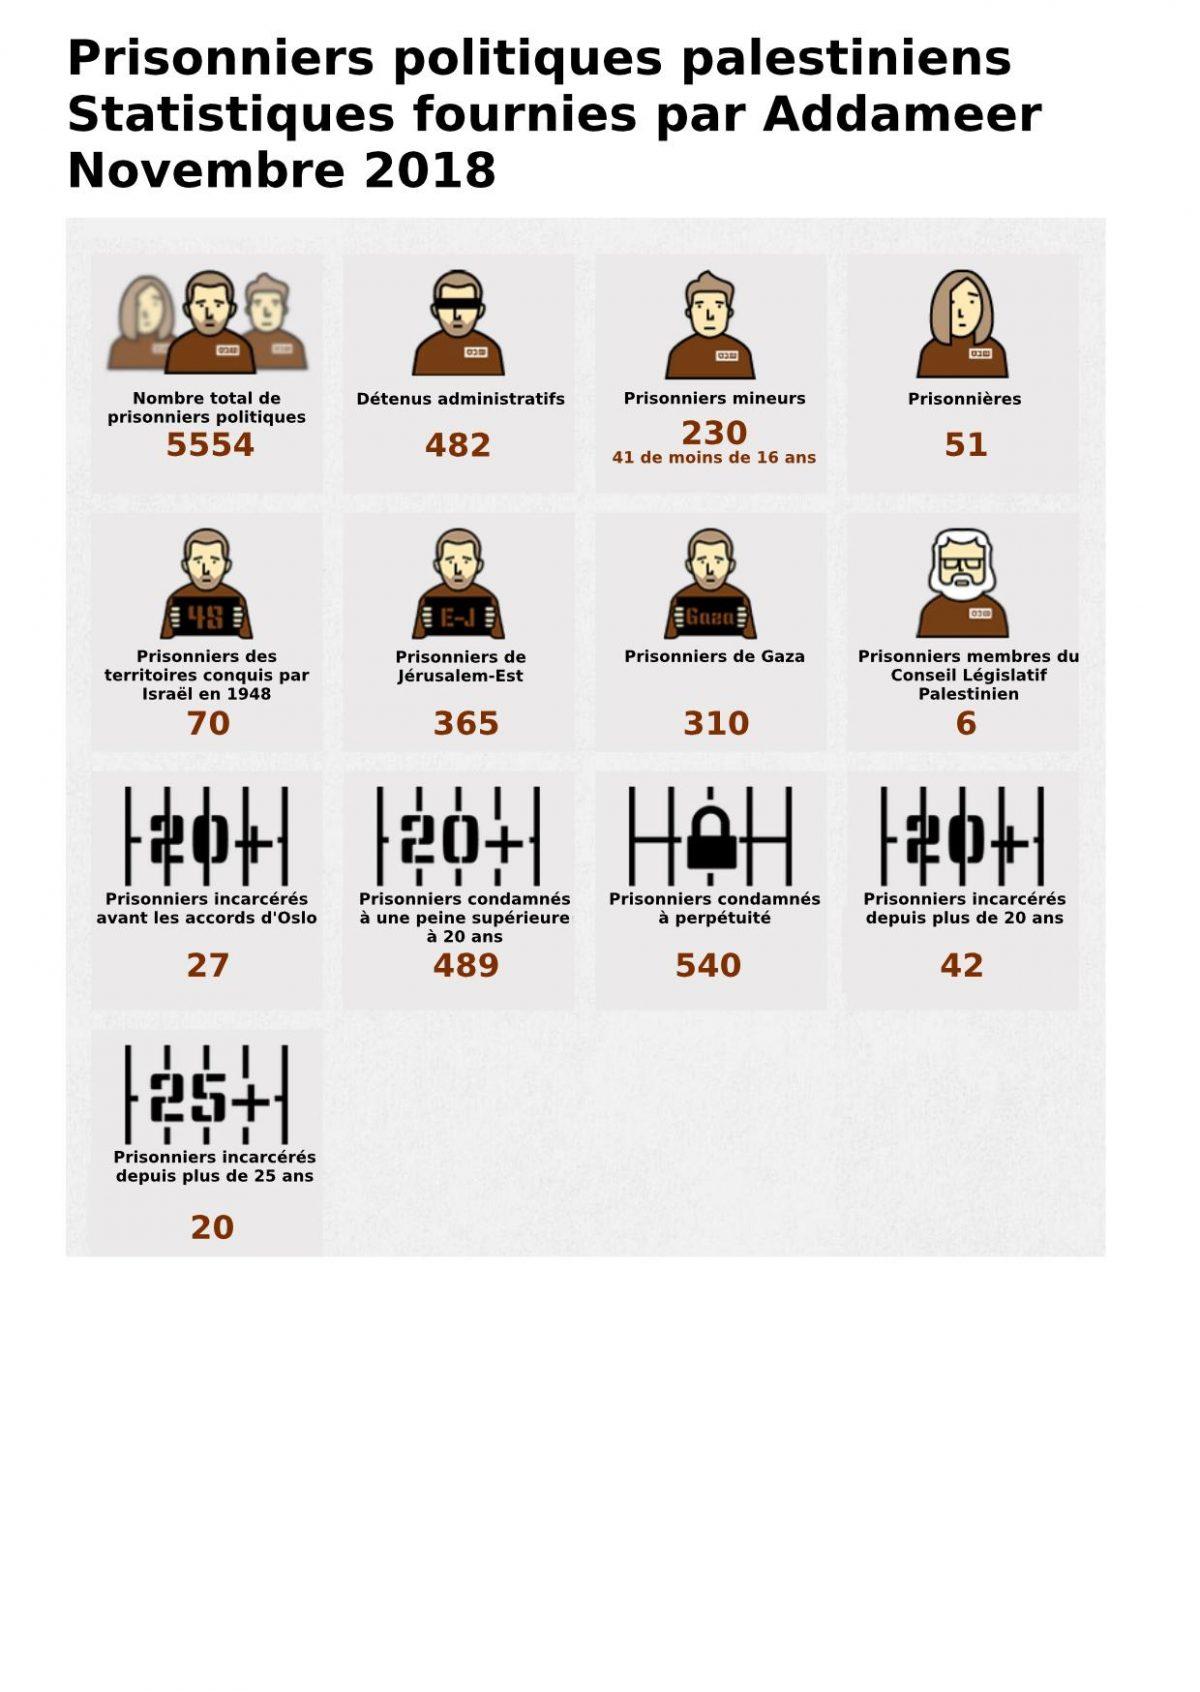 Prisonniers politiques palestiniens - Les statistiques du mois de novembre 2018